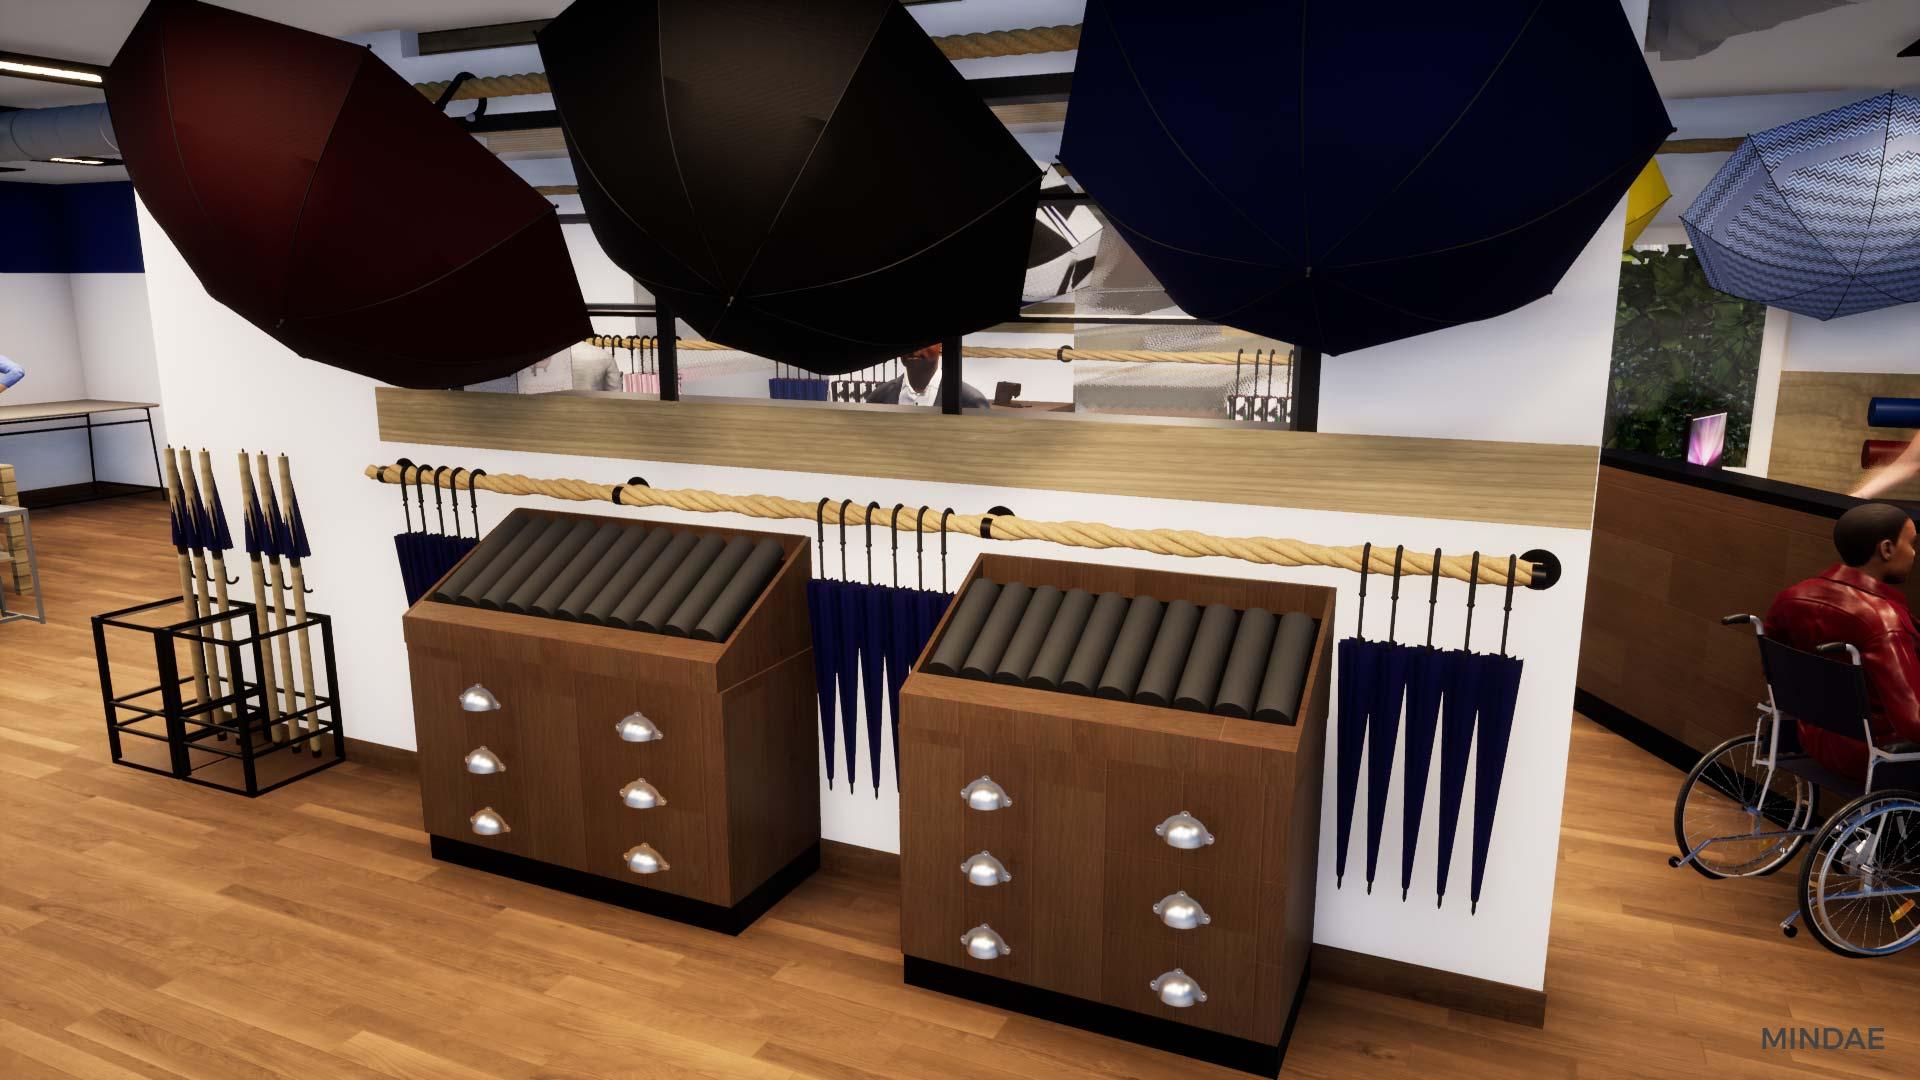 Mindae_3D_h2o_parapluies_crepon_creully_agencement_boutique_projet-(2)